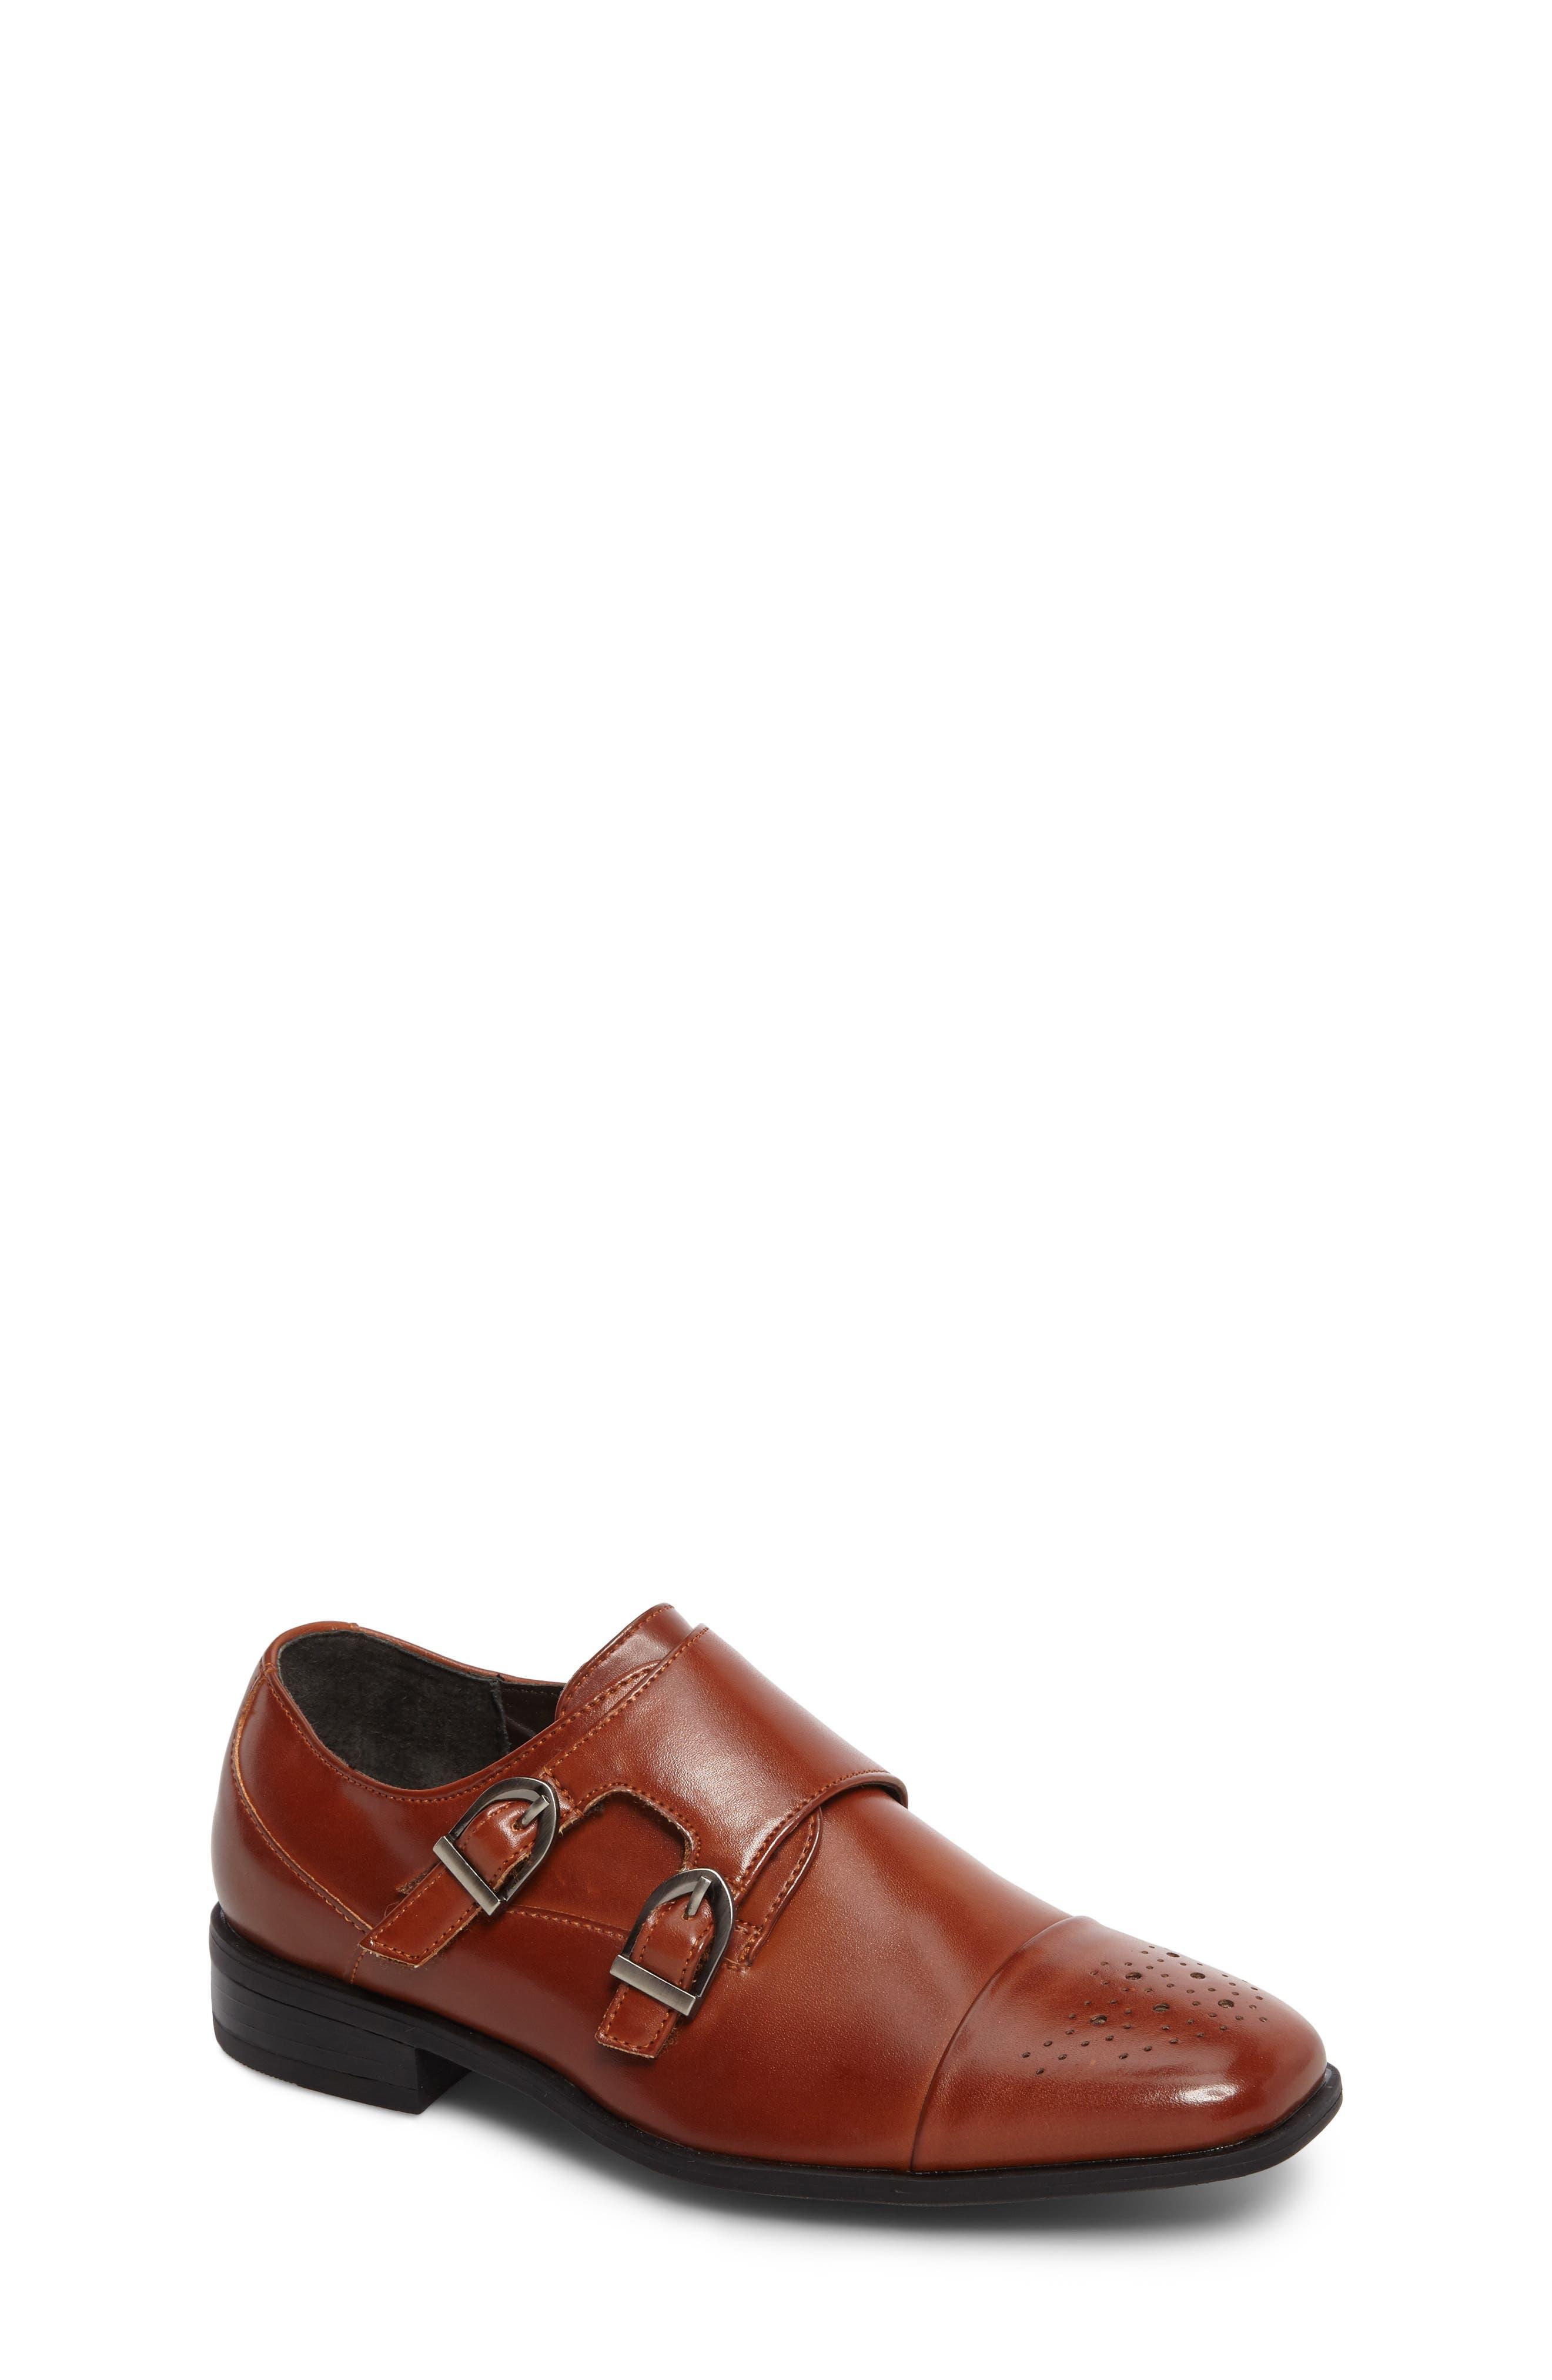 Trevor Cap Toe Monk Shoe,                             Main thumbnail 1, color,                             Cognac